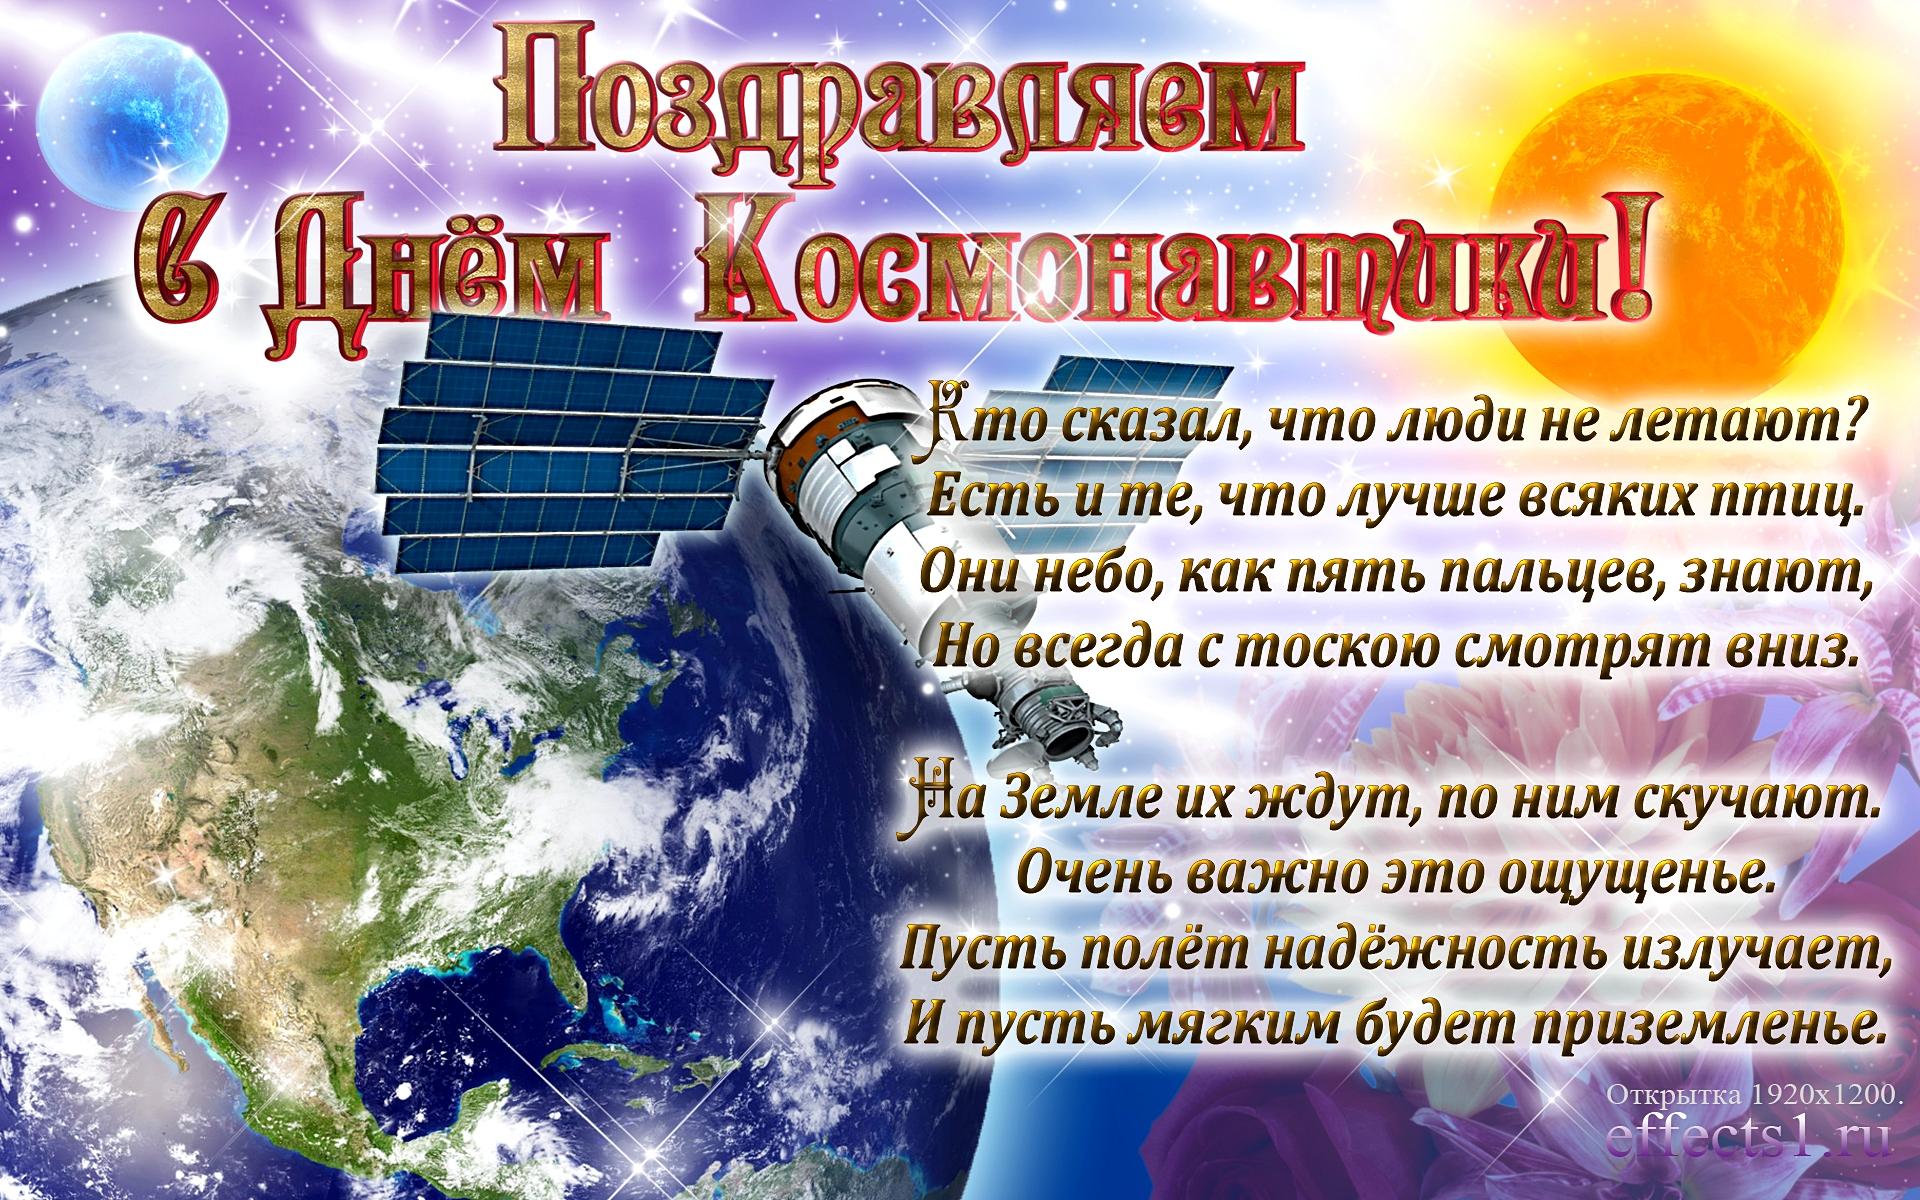 еще поздравления с 12 апреля день космонавтики смешные любимых